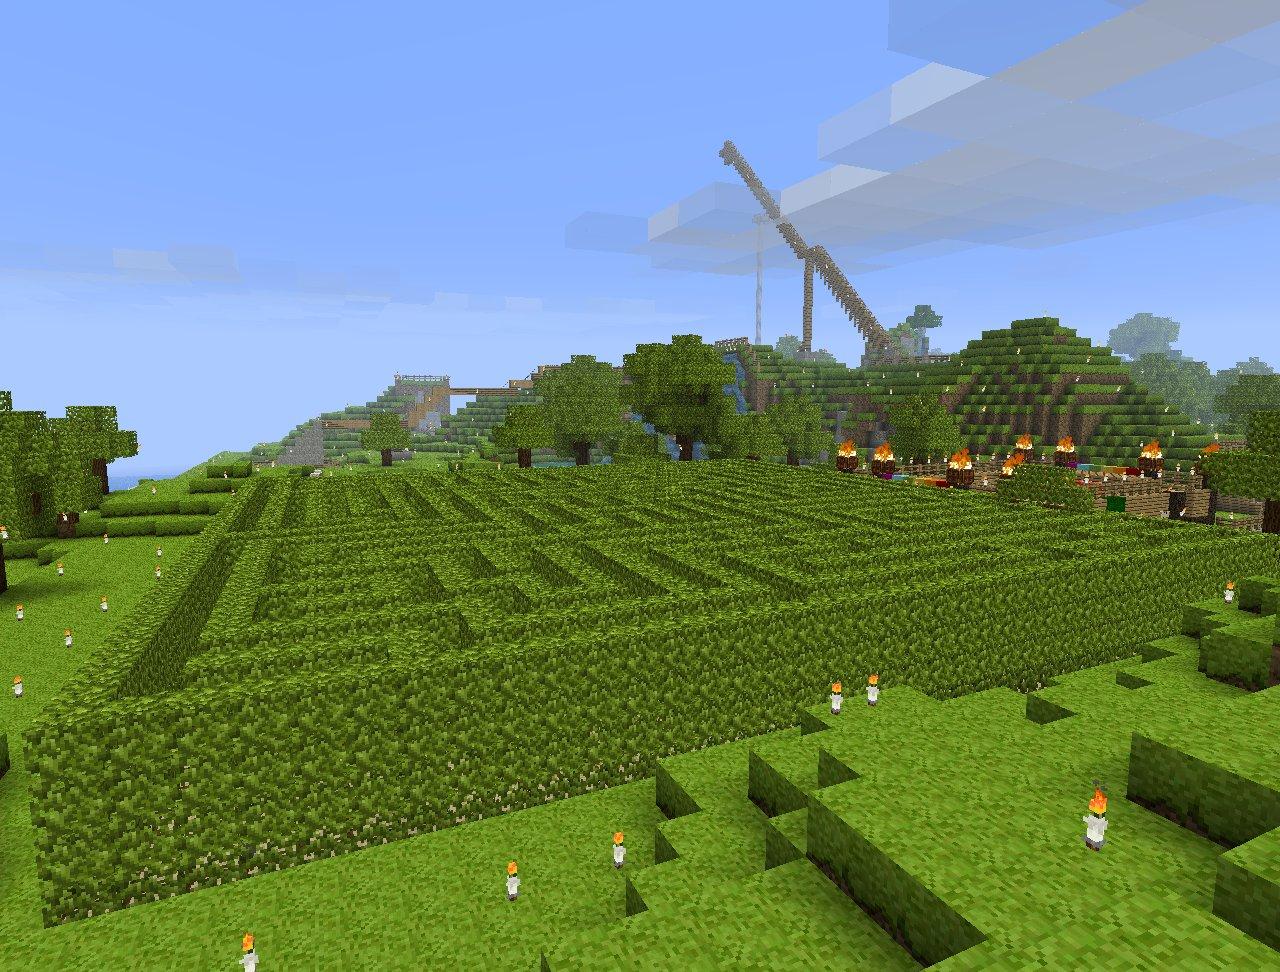 Le labyrinthe végétal C0a811f6-89af-4d62-be97-64bdea46dc34